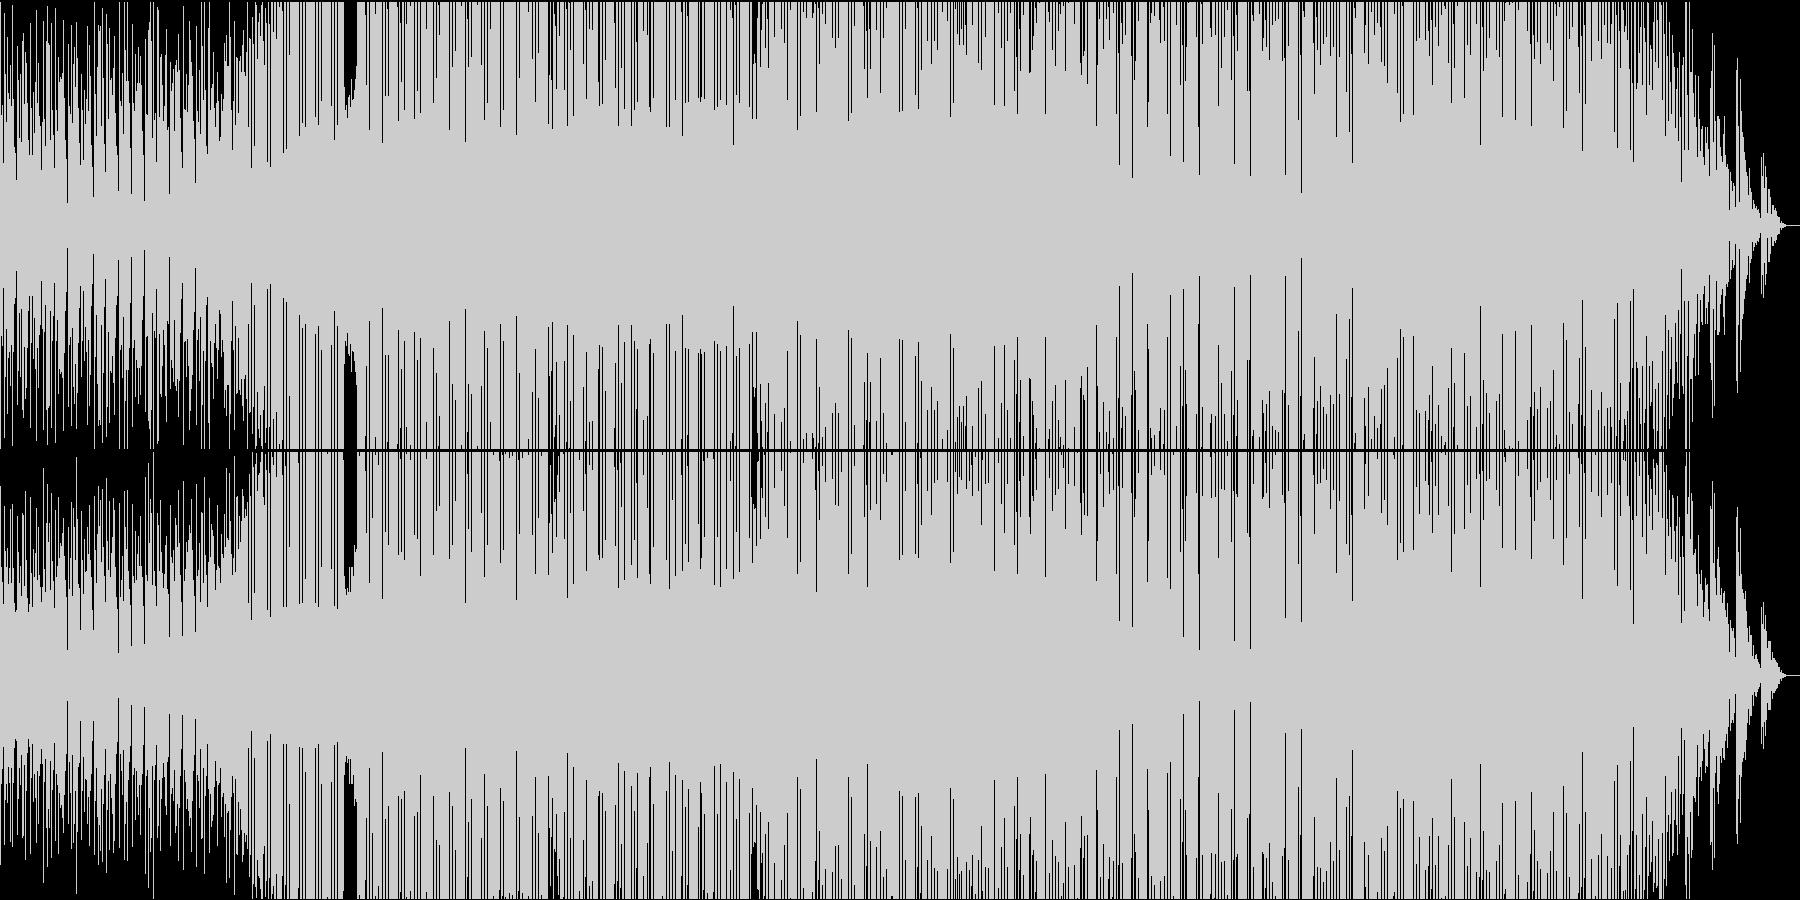 時代を駆ける熱い厚いビートの未再生の波形